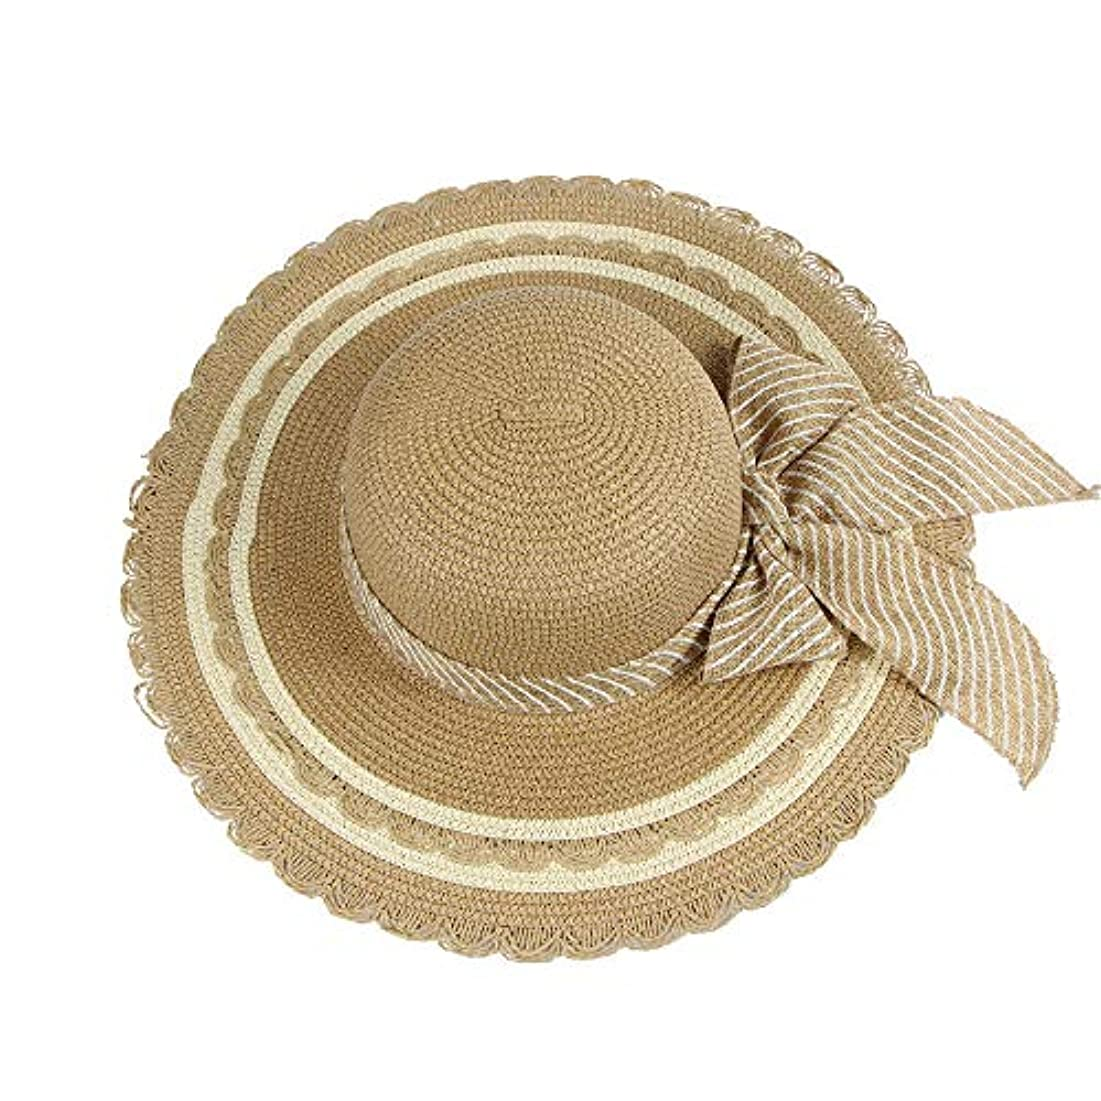 超えるレスリング楽観帽子 レディース UVカット 帽子 麦わら帽子 UV帽子 紫外線対策 折りたたみ つば広 ワイヤ入り uvカット帽子 春夏 レディース 通気性 ニット帽 マニュアル キャップ レディース 大きいサイズ ROSE ROMAN